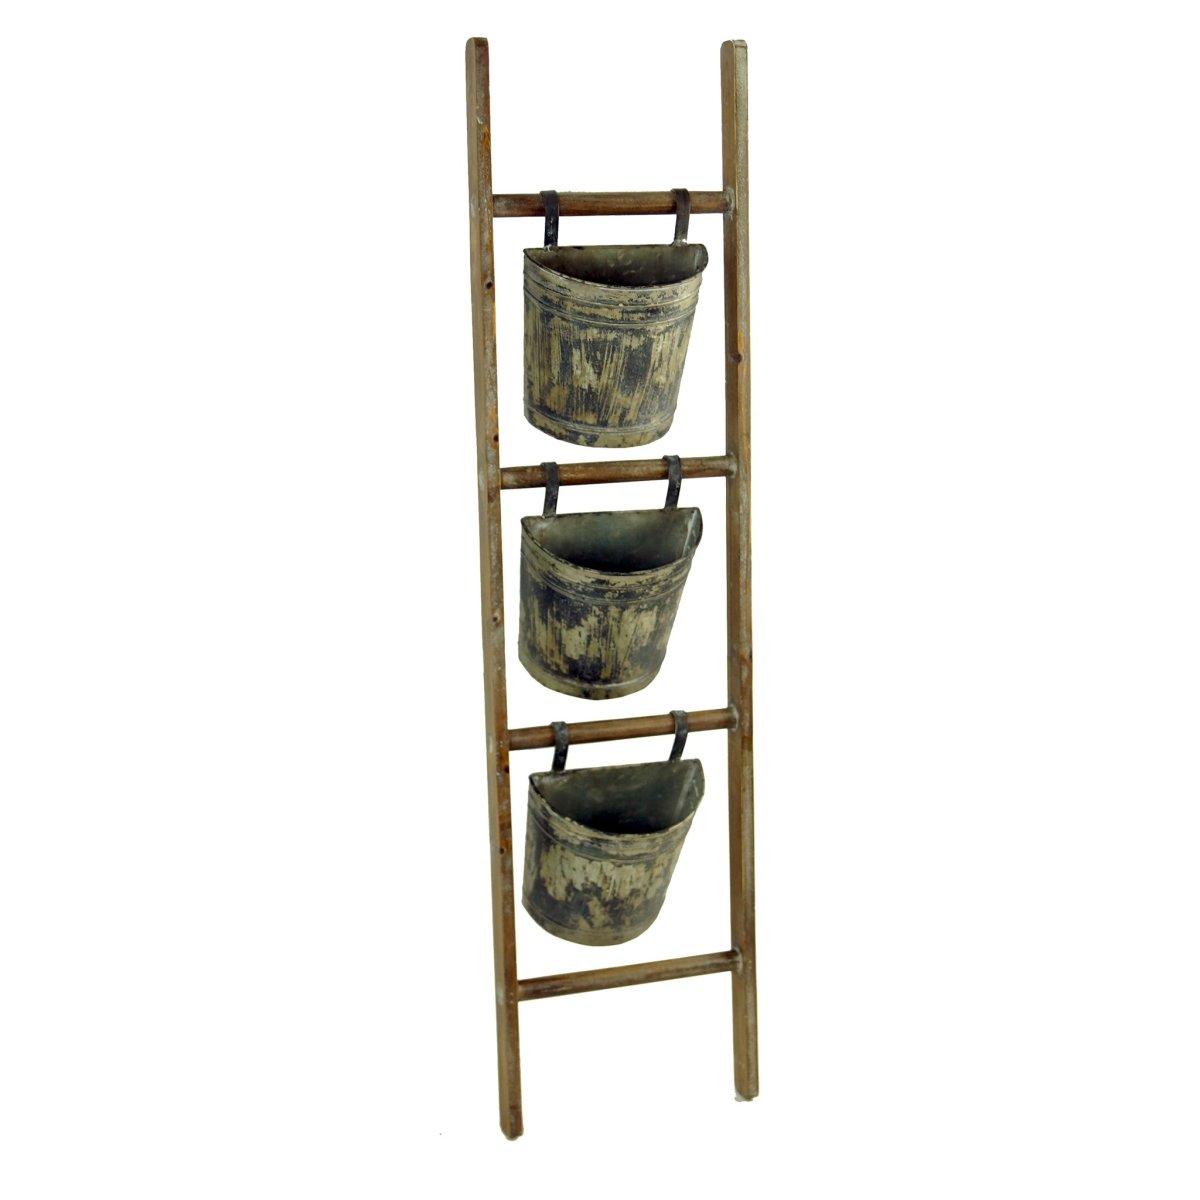 VIP Home Garden FH1616 Garden Metal Ladder Planter Light Brown Gray by VIP Home Garden